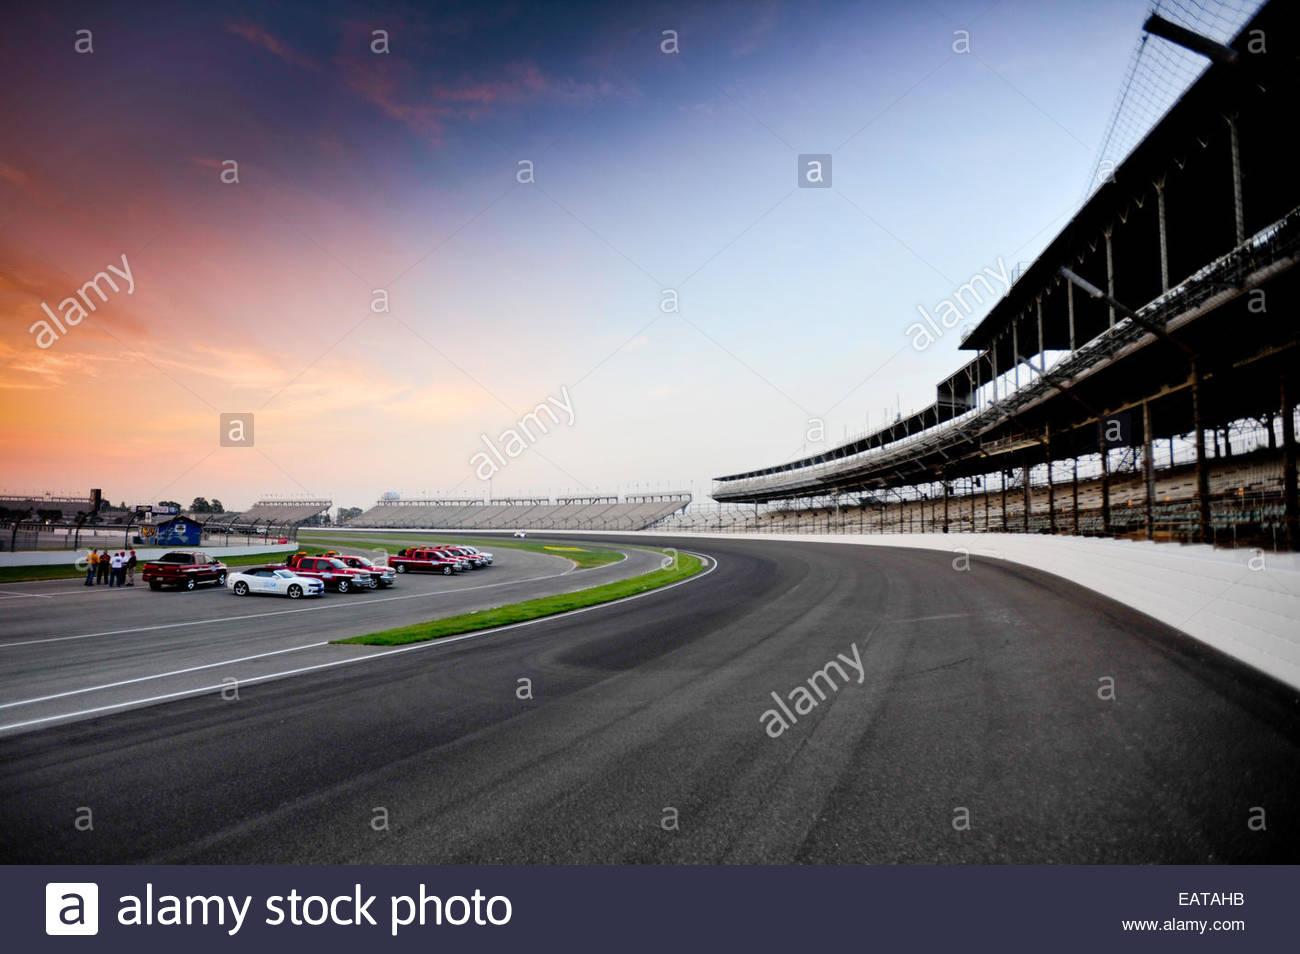 Gire uno de los Indianapolis Motor Speedway al amanecer. Imagen De Stock